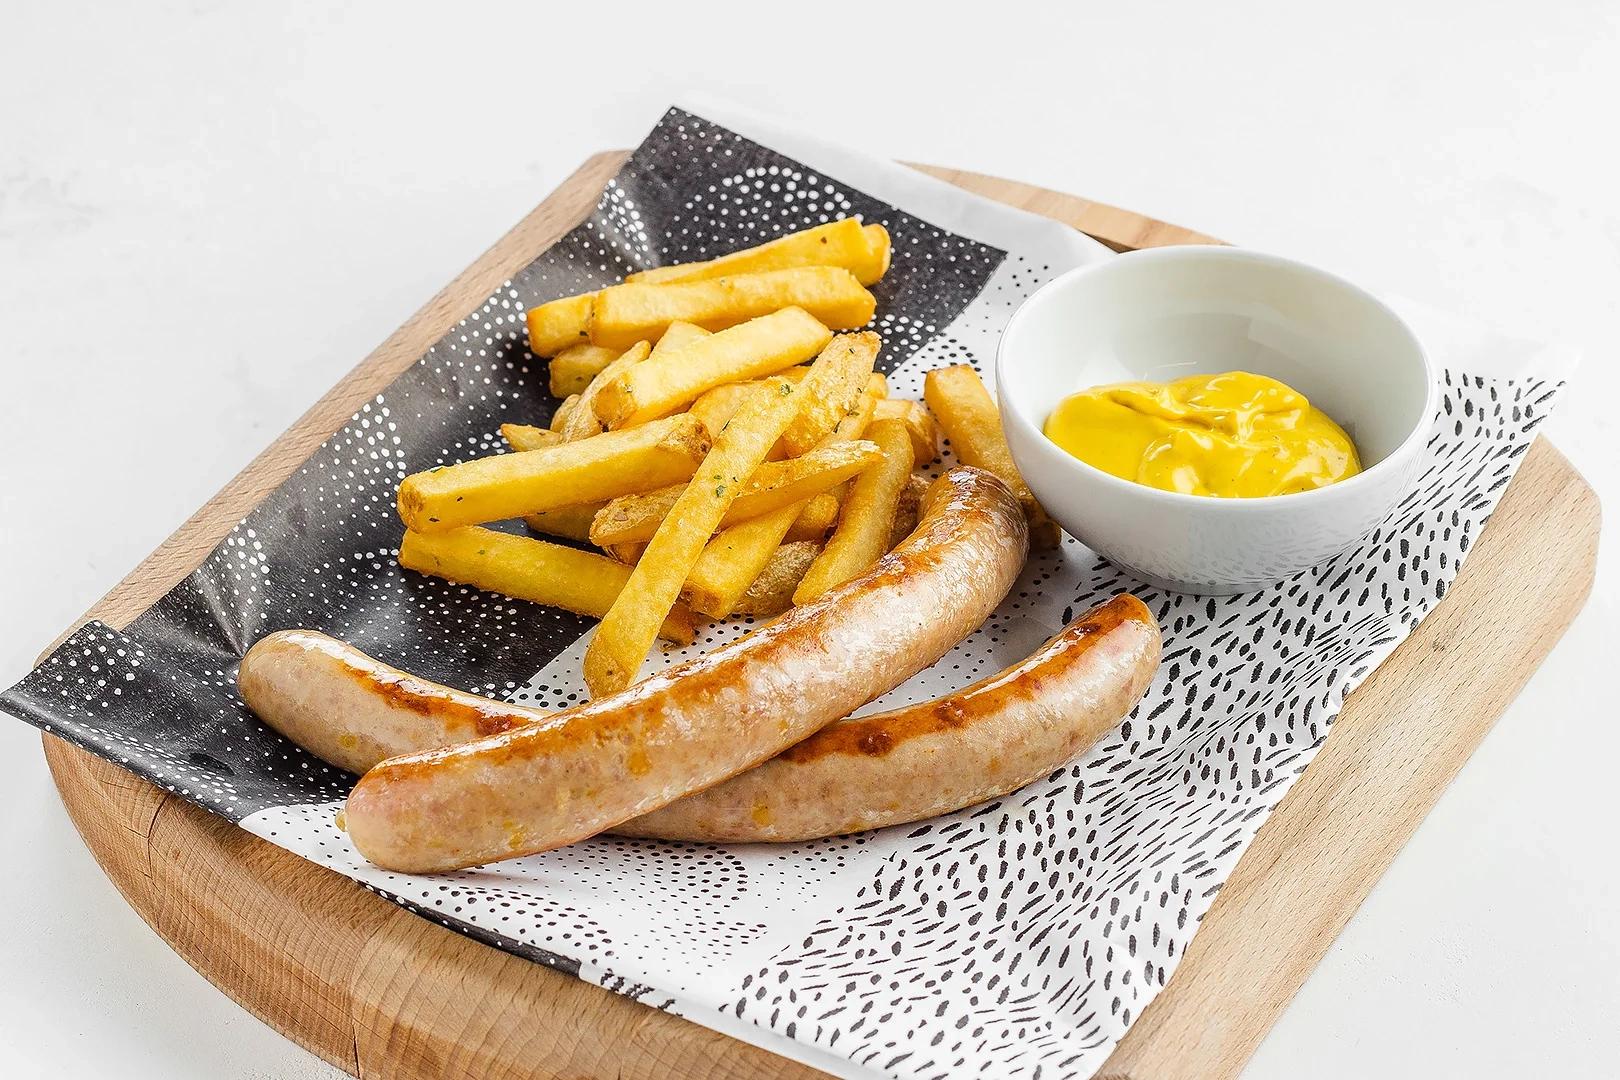 Колбаски братвурст с картофелем фри и горчичным соусом